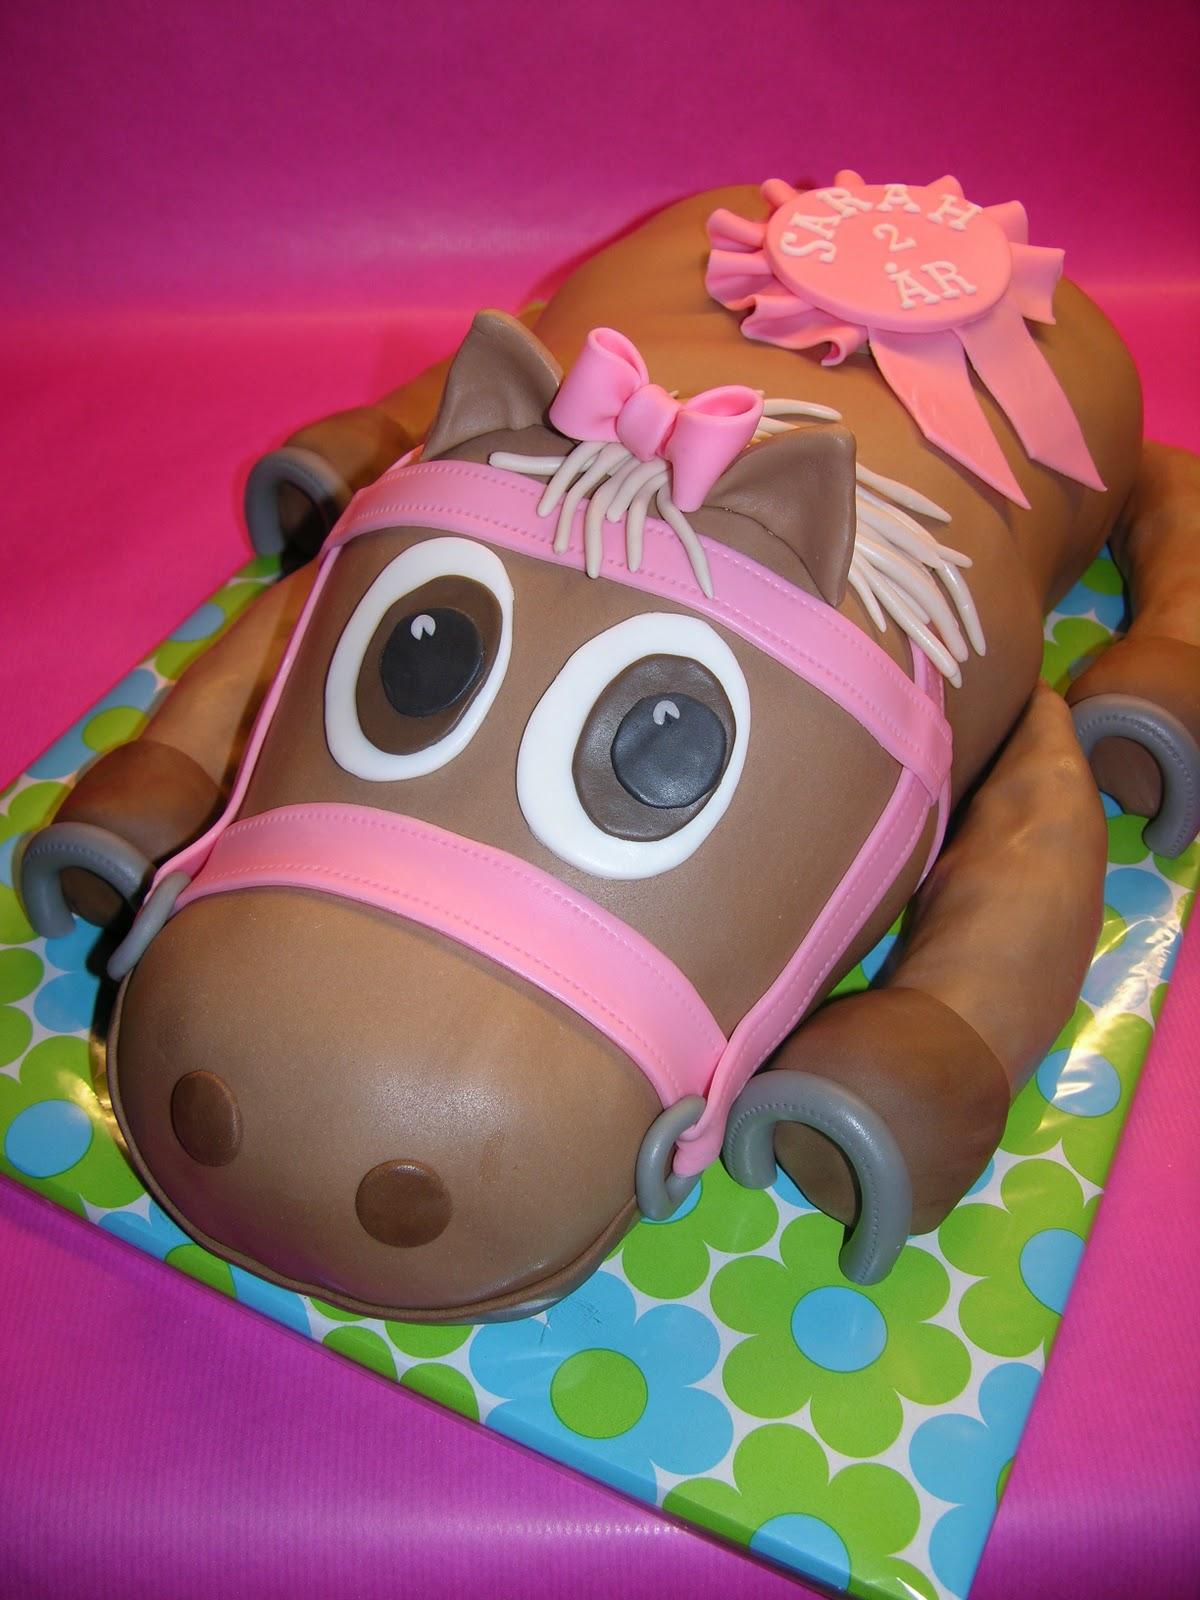 Horses Toys For Girls Birthdays : No ordinary cake hyp hurraaaa